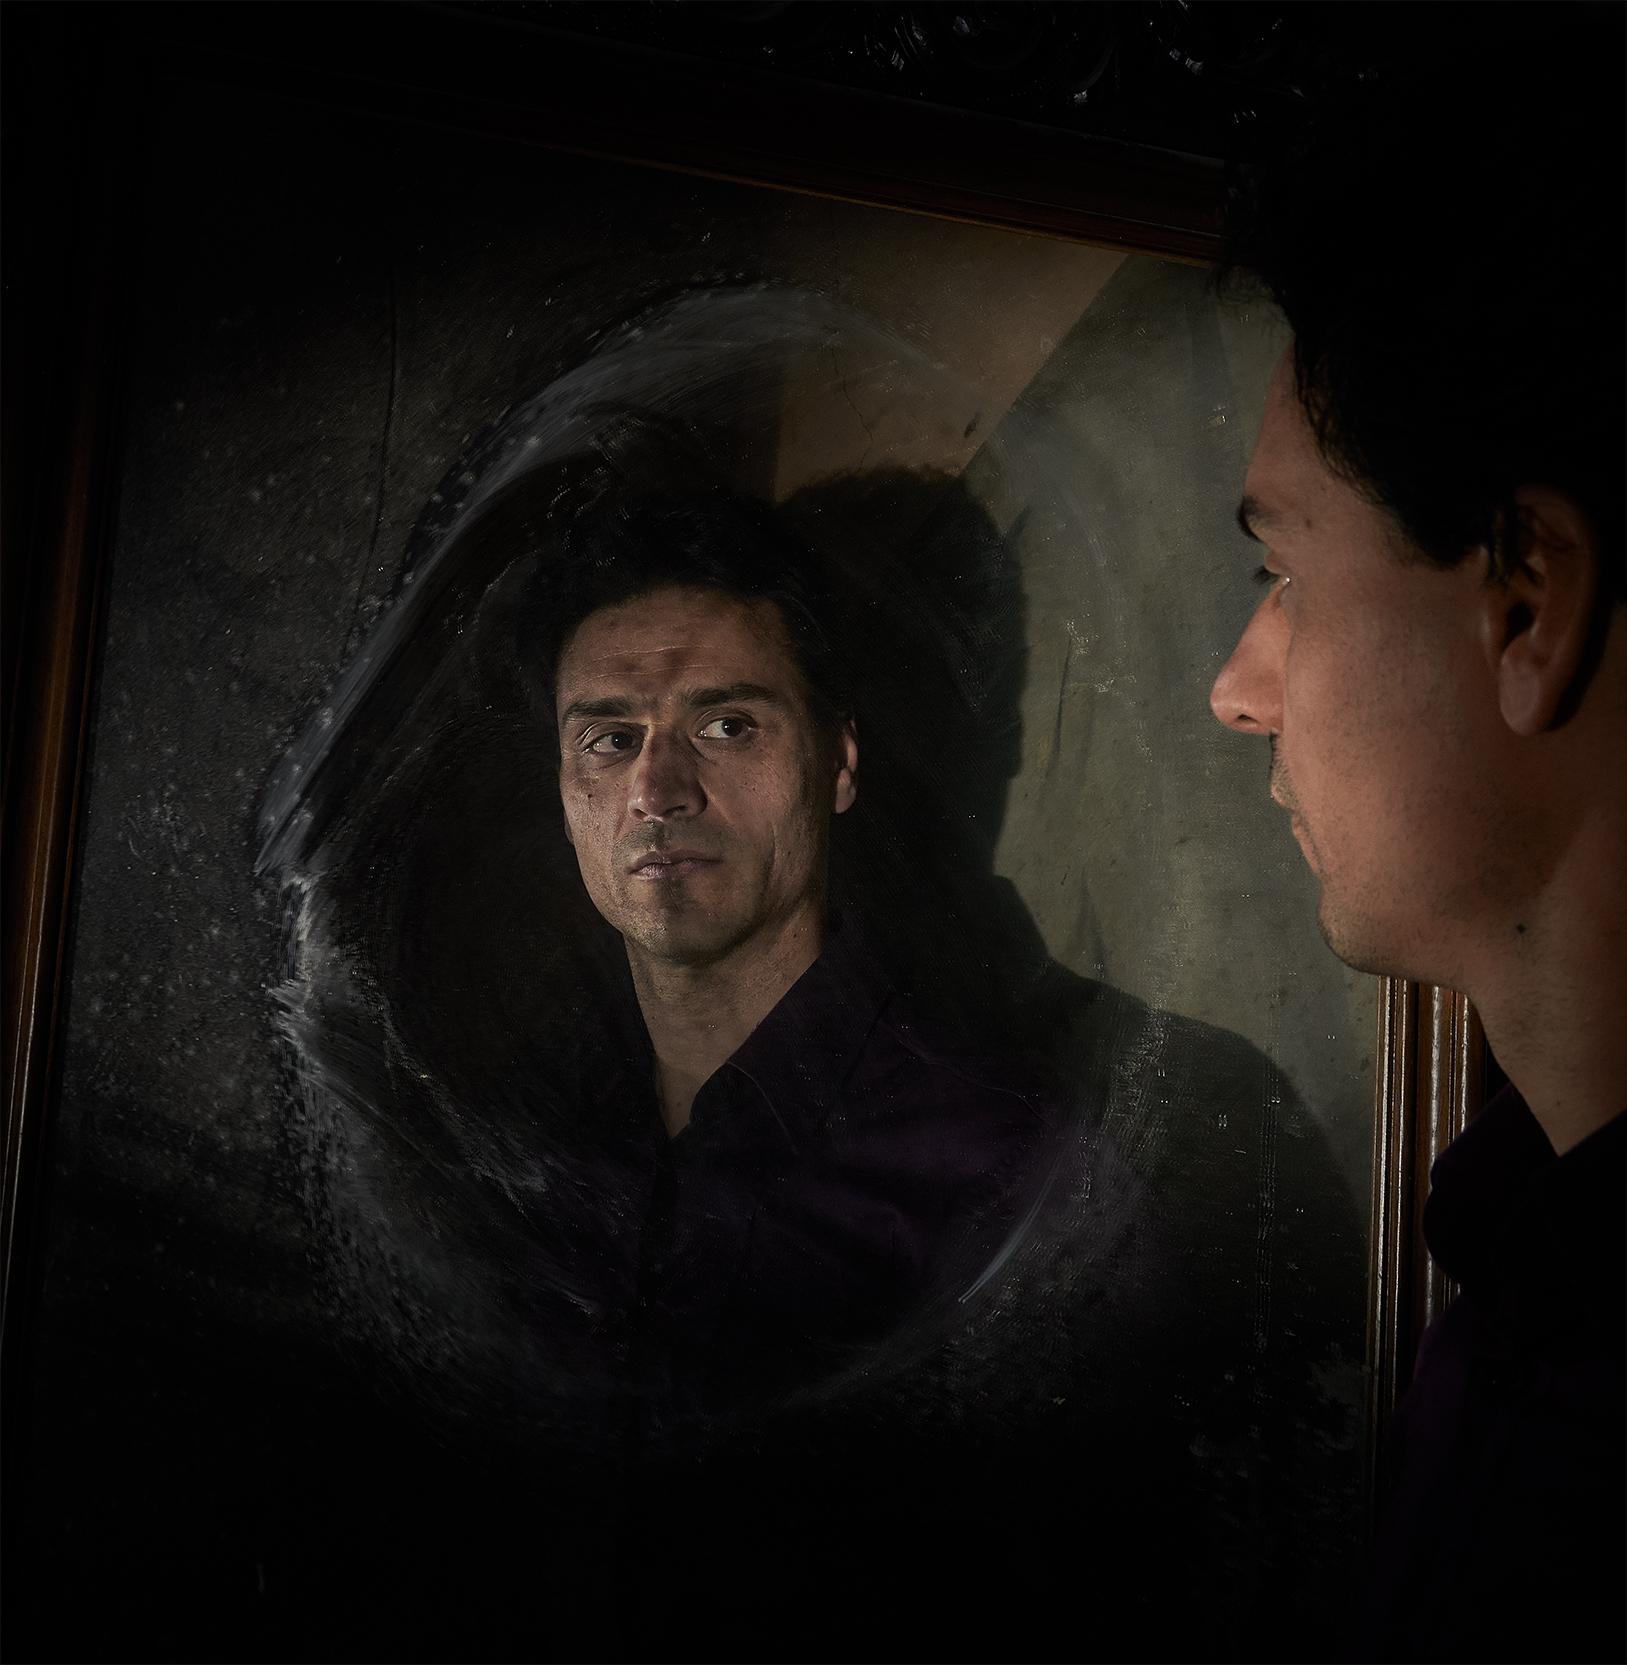 Dorian Gray's Reflection...